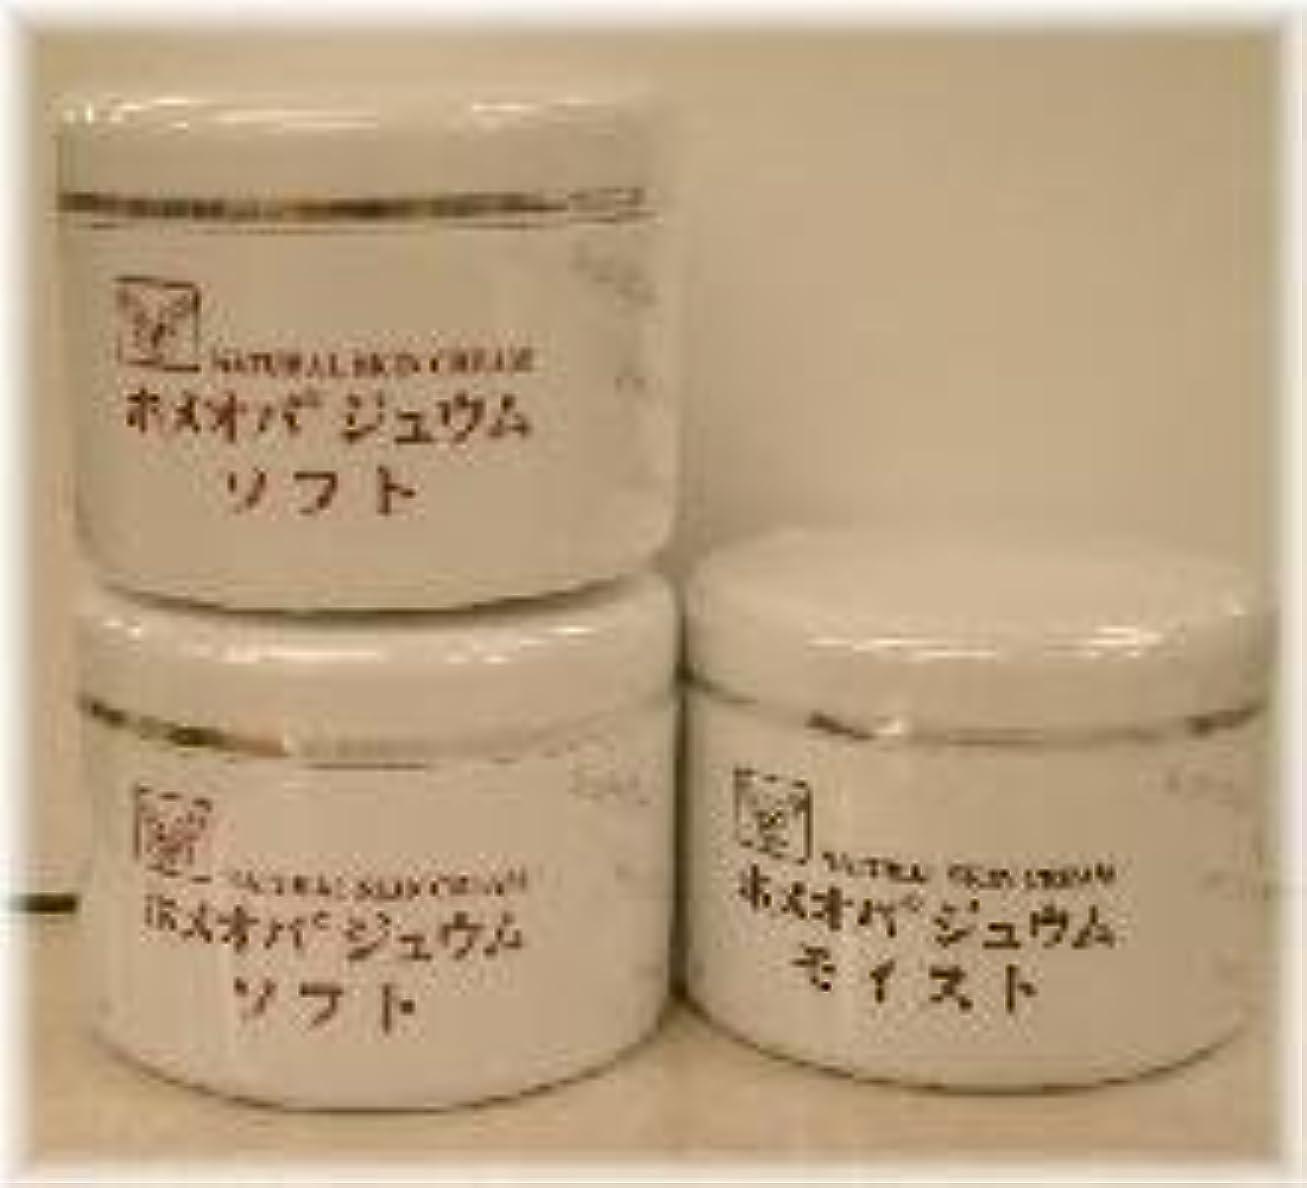 スポーツ地理十分ですホメオパジュウム スキンケア商品3点 ¥10500クリームソフト2個+クリームモイスト